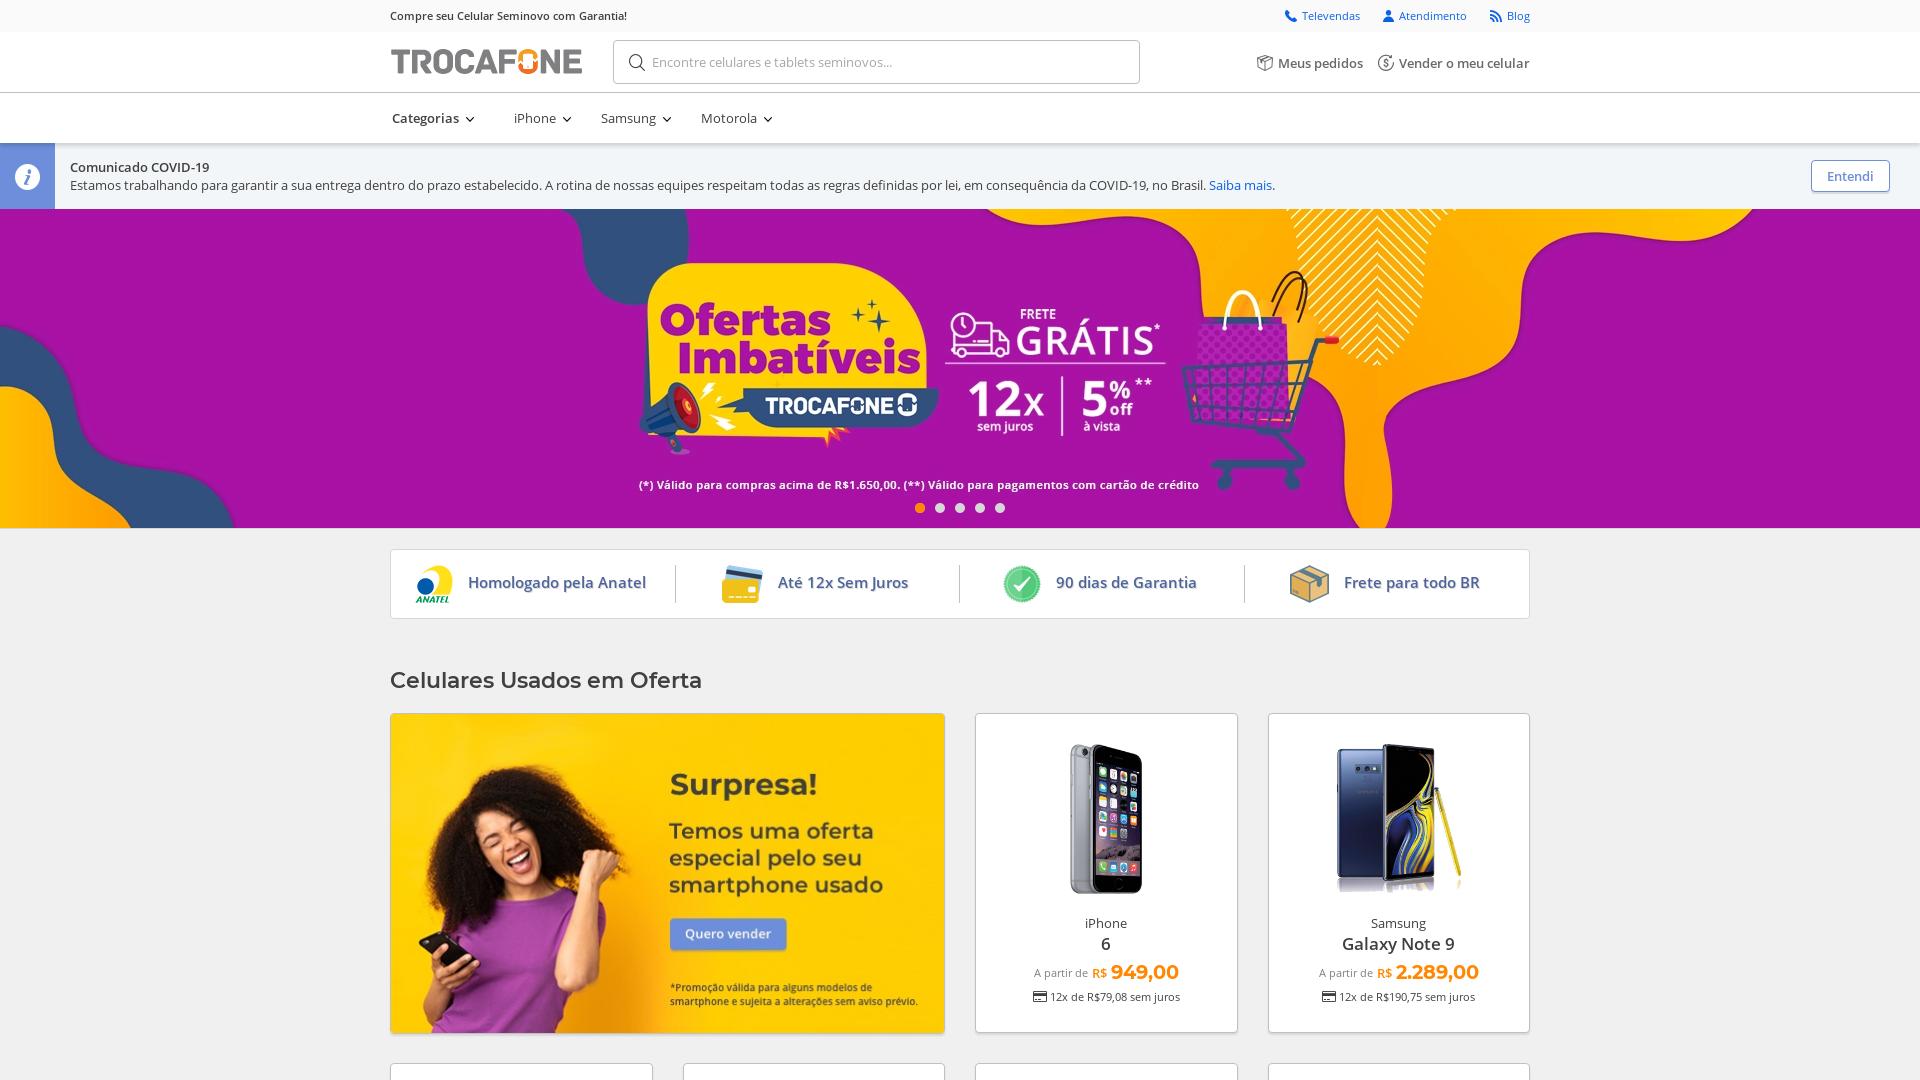 Trocafone Brazil website